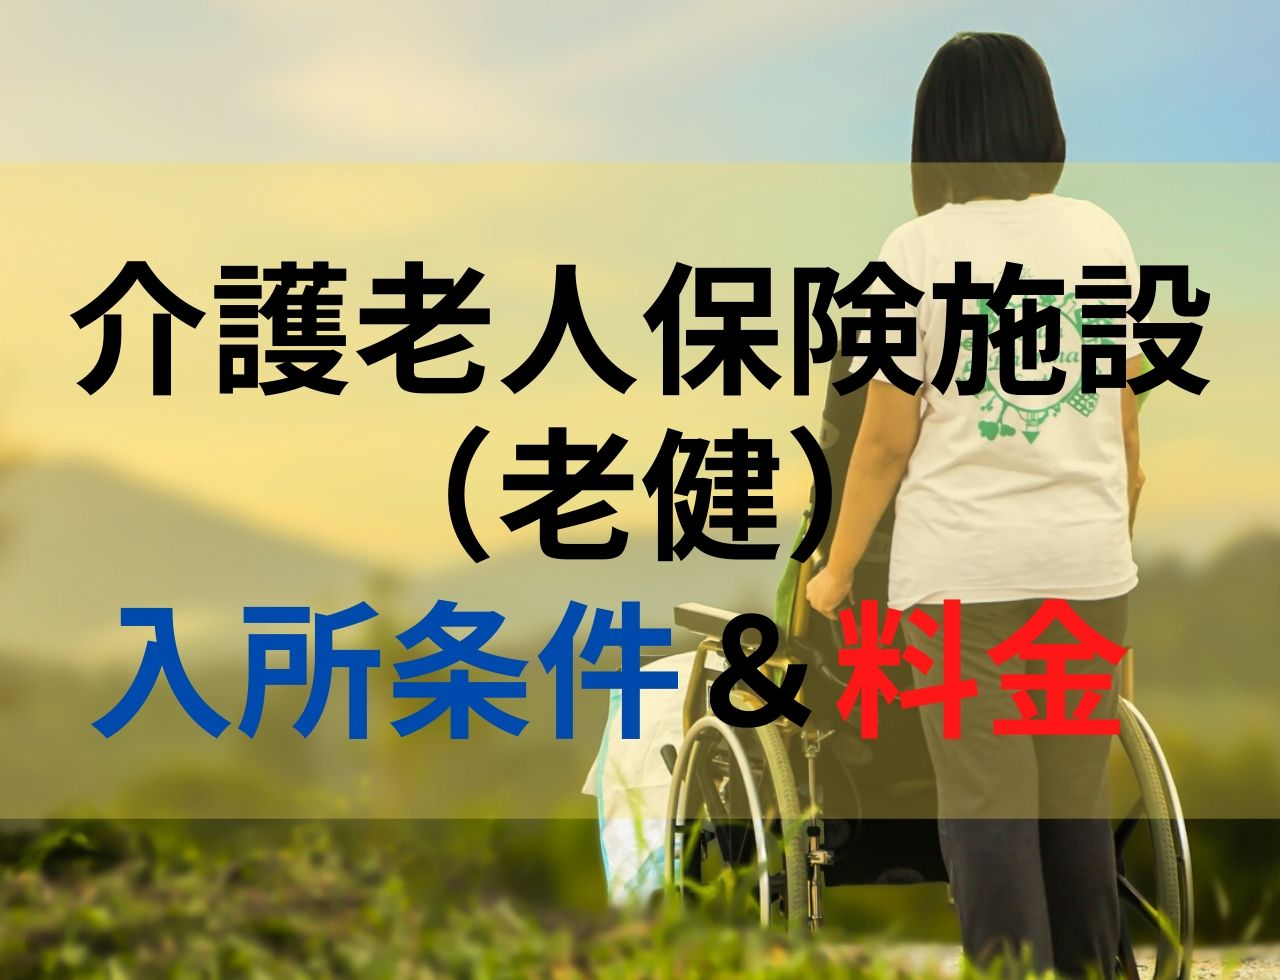 【介護】介護老人保健施設の入所条件と費用はいくら?